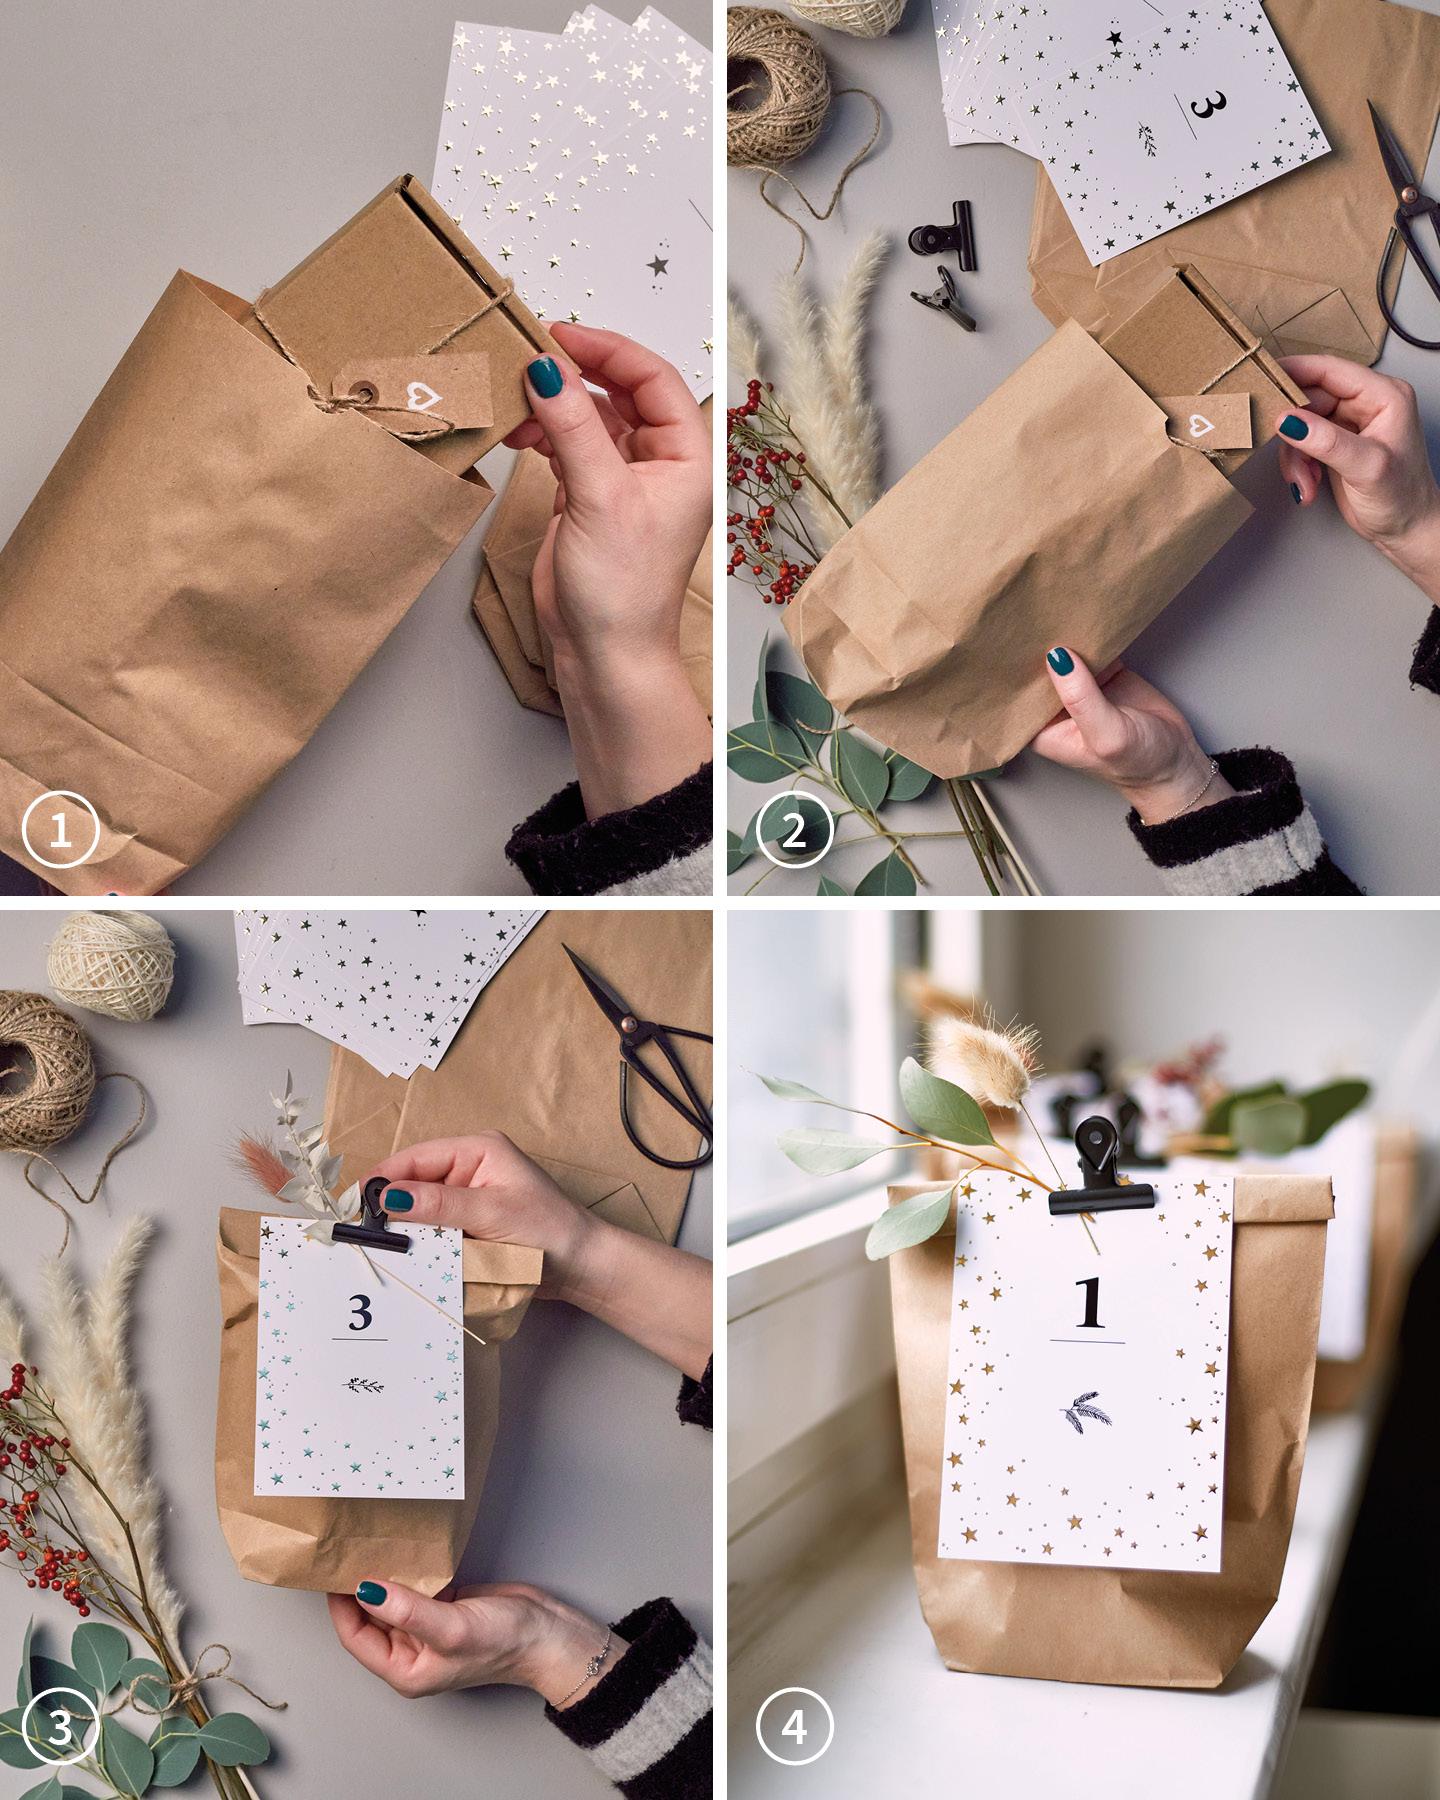 In vier Schritten wird gezeigt, wie Papiertüten mit Inhalten für einen selbst gemachten Aventskalender gefüllt werden.